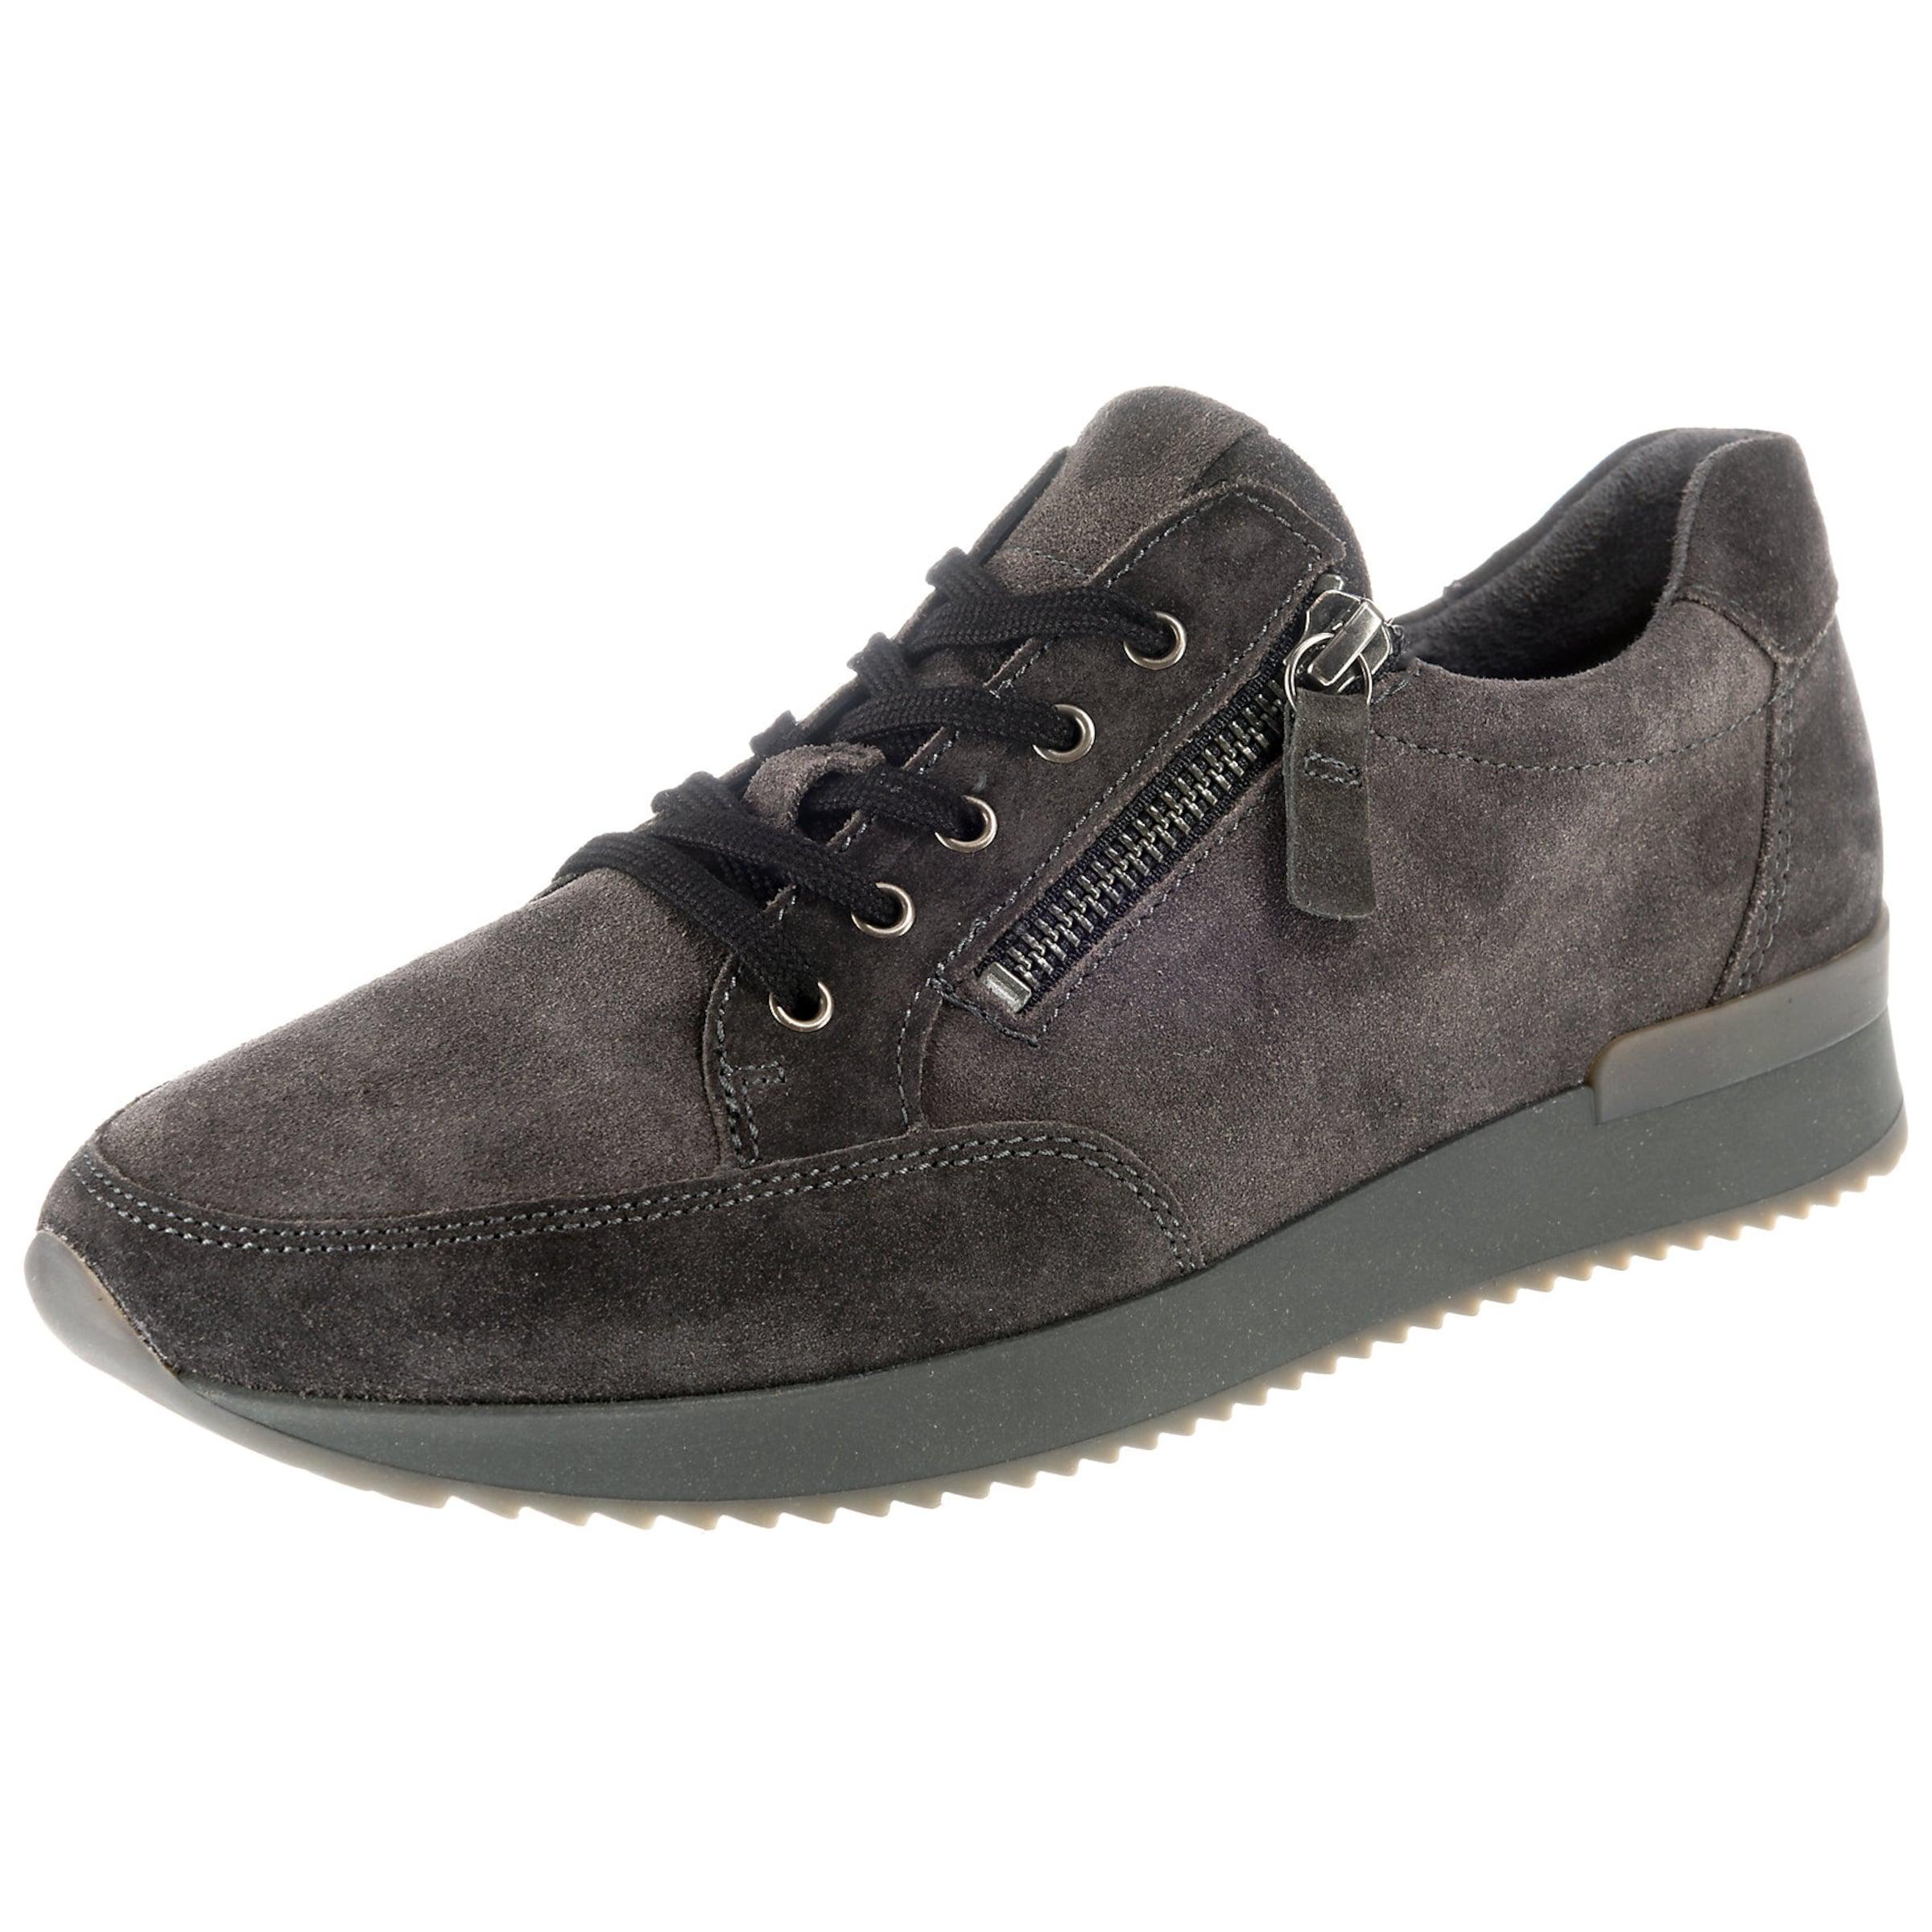 In Gabor Gabor In Dunkelgrau Sneakers In Sneakers Dunkelgrau Sneakers Gabor Dunkelgrau trCshdQx